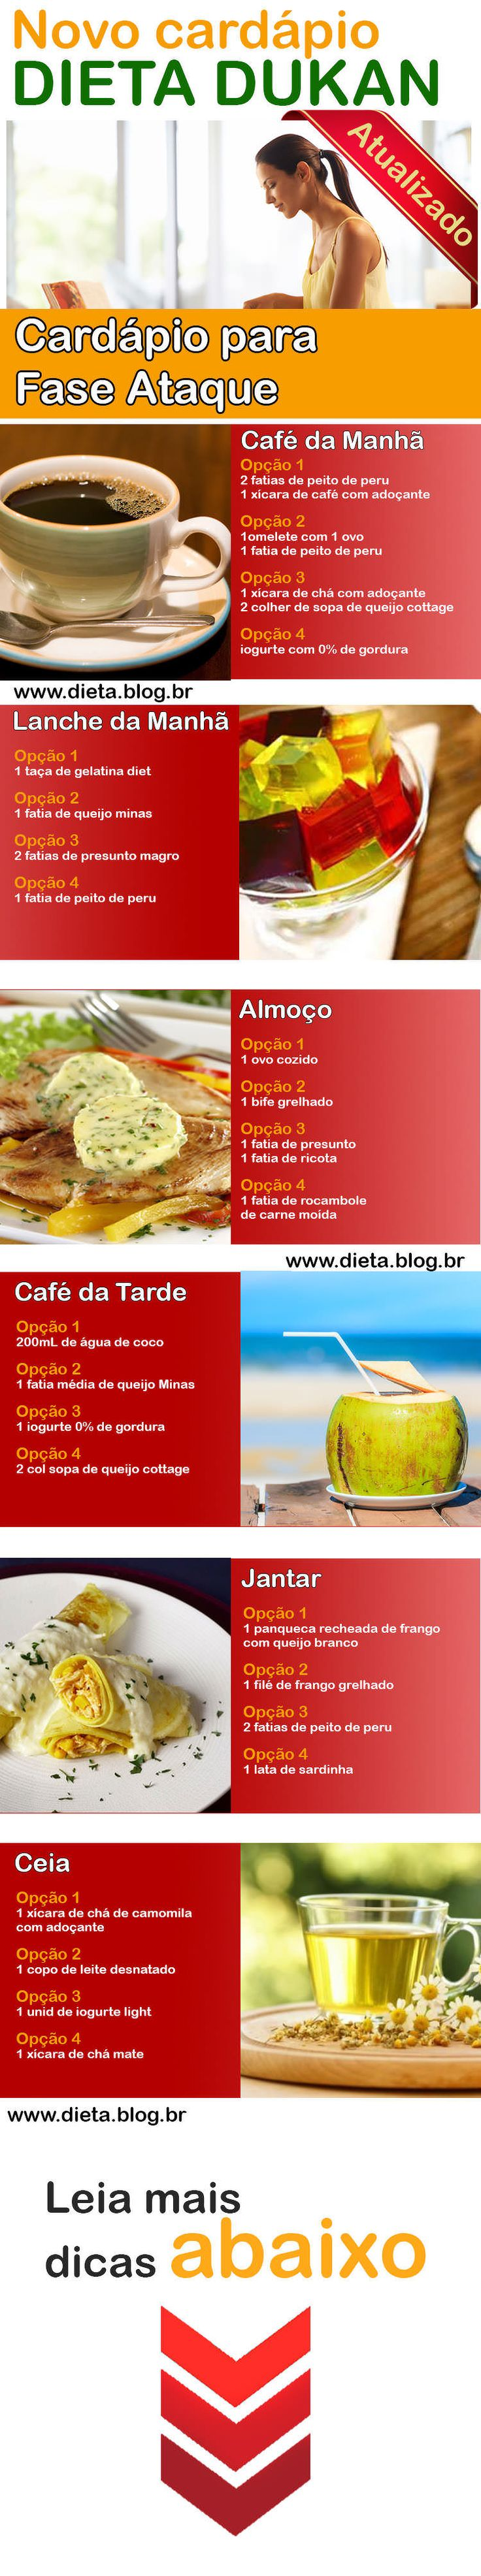 Nova Dieta Dukan Passo a Passo Cardápio perca 12kg